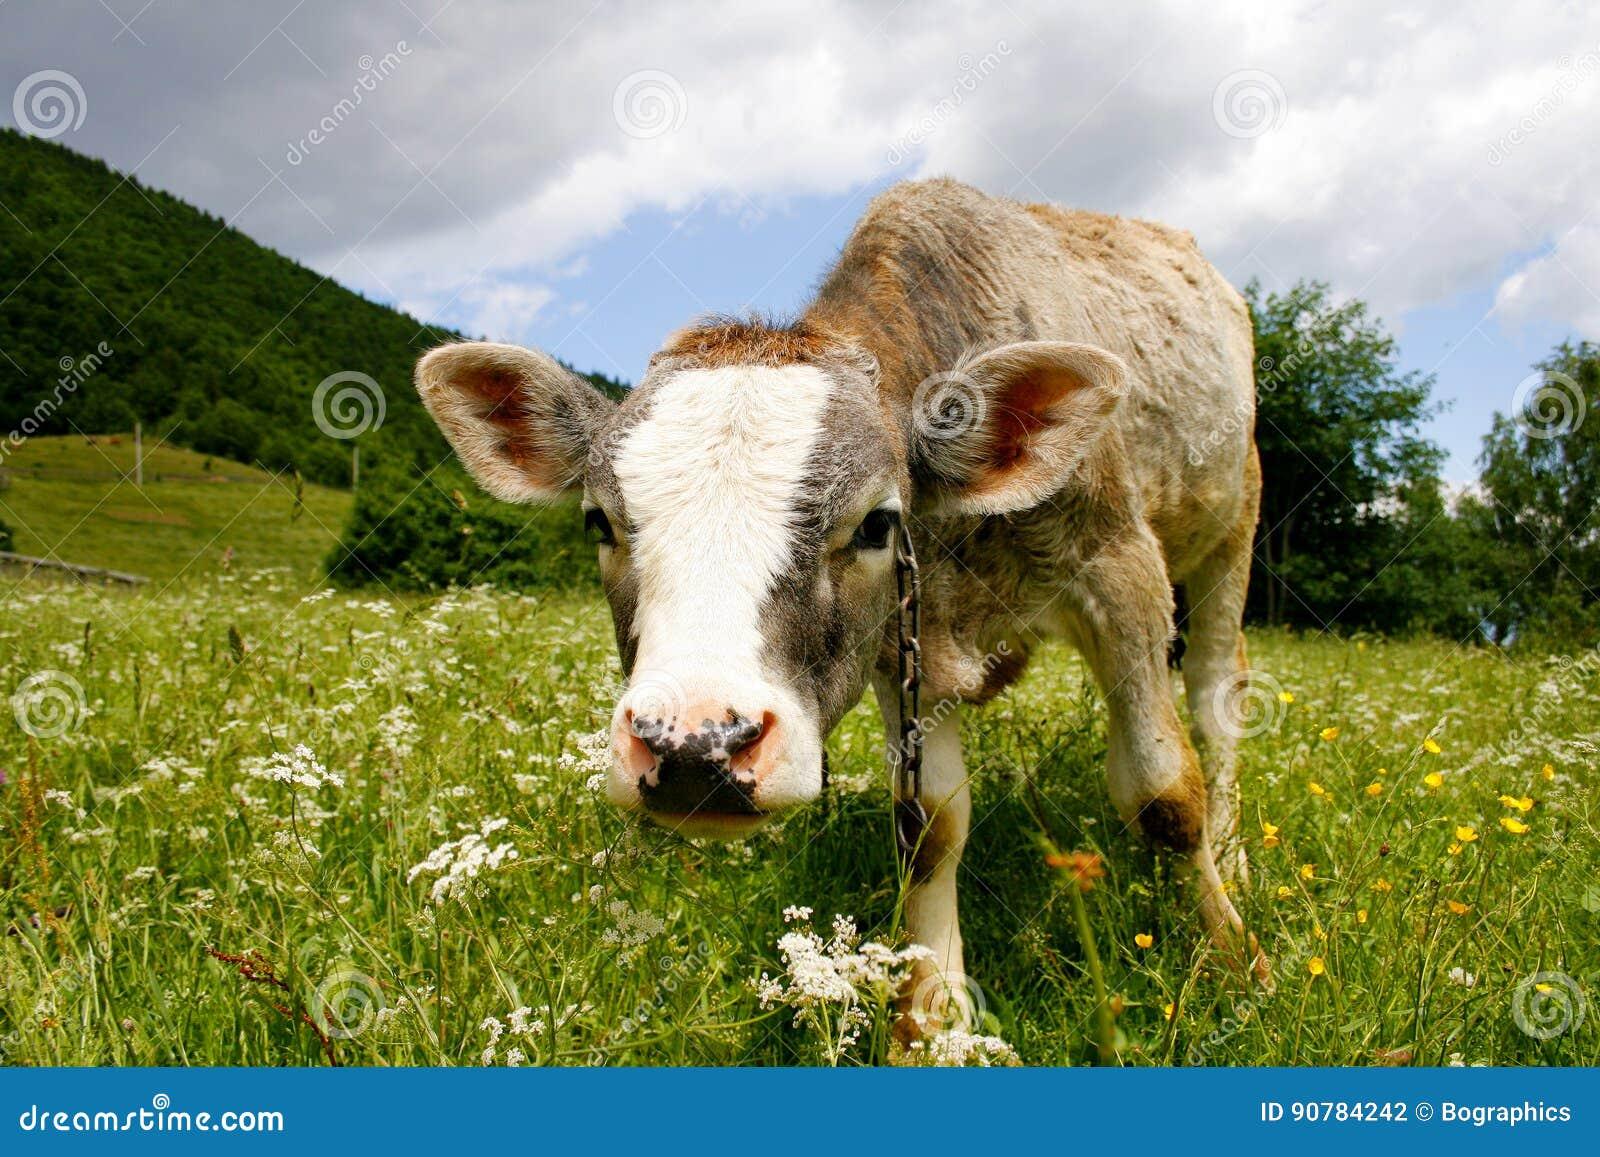 Cute calf standing on green field